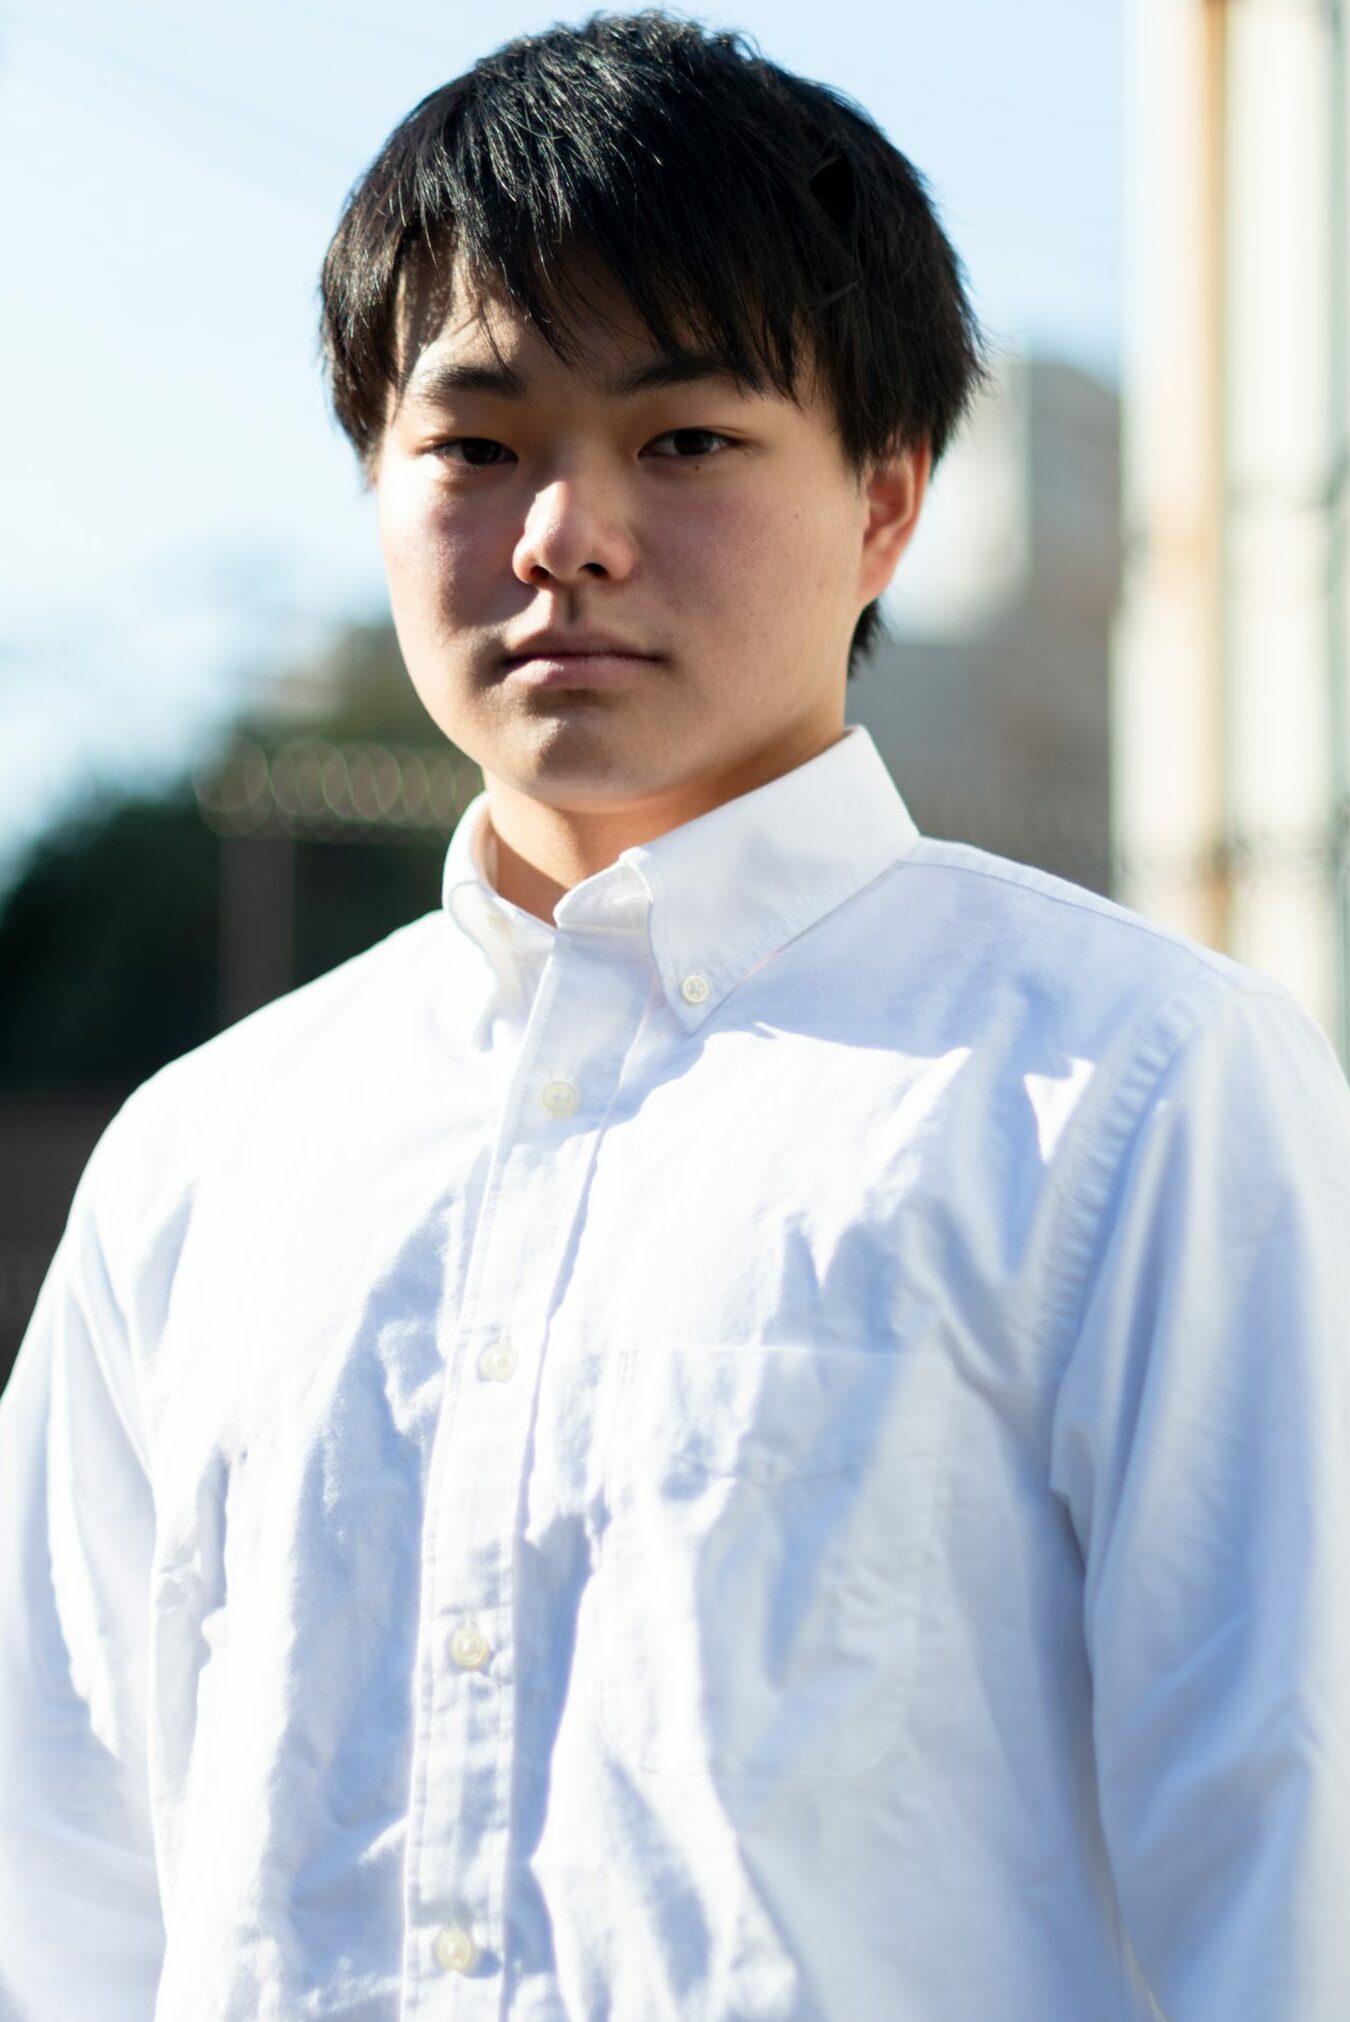 石川 丈 Jou Ishikawa